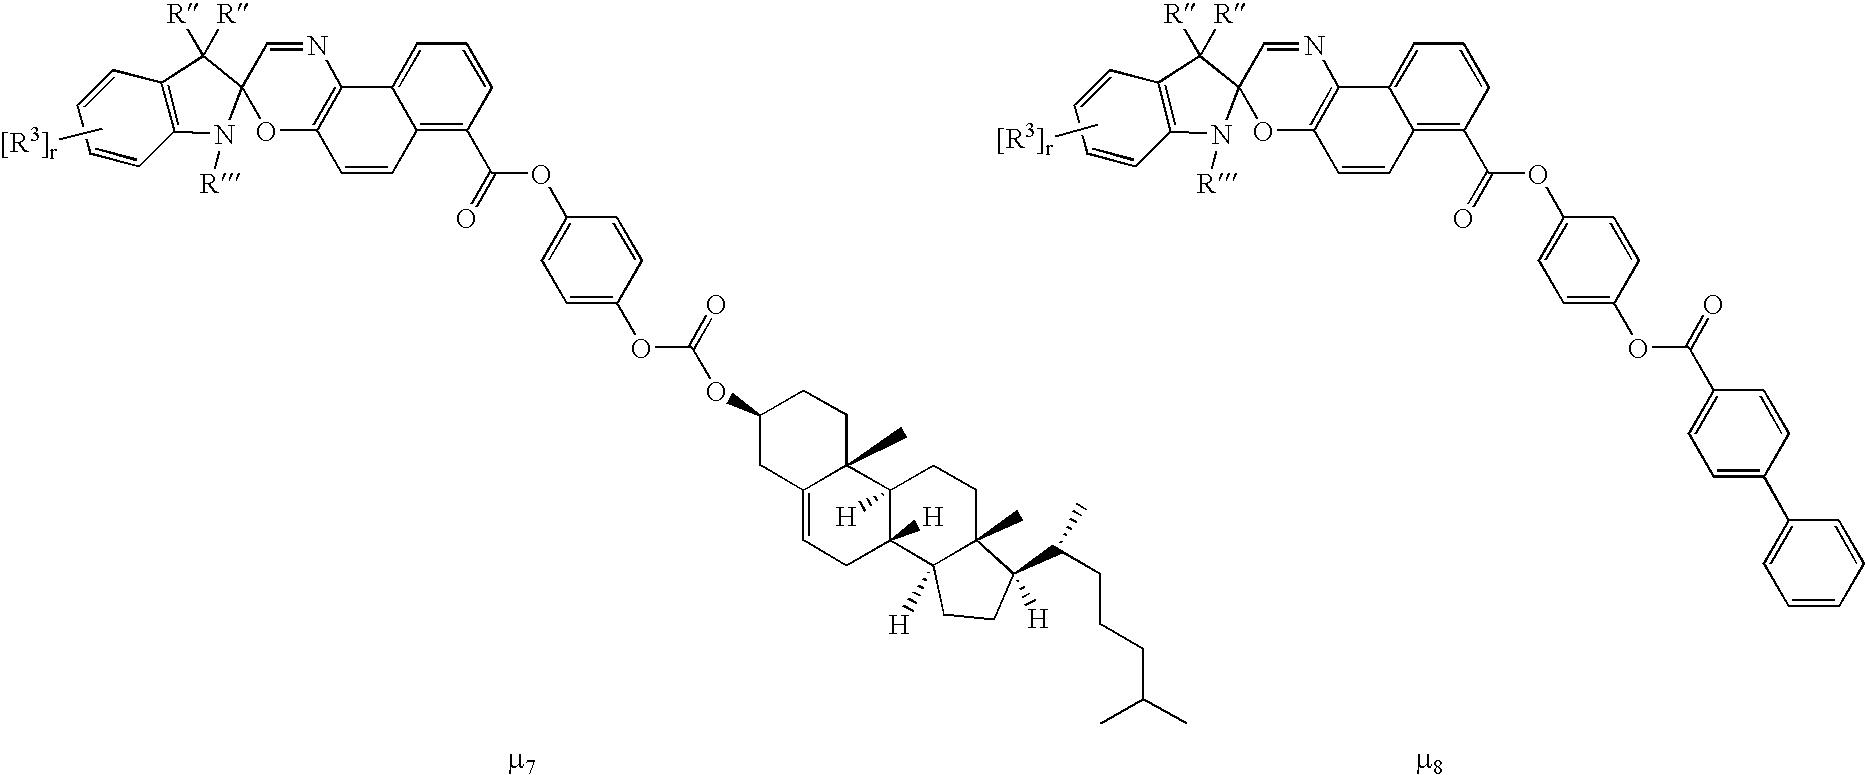 Figure US20070075388A1-20070405-C00033